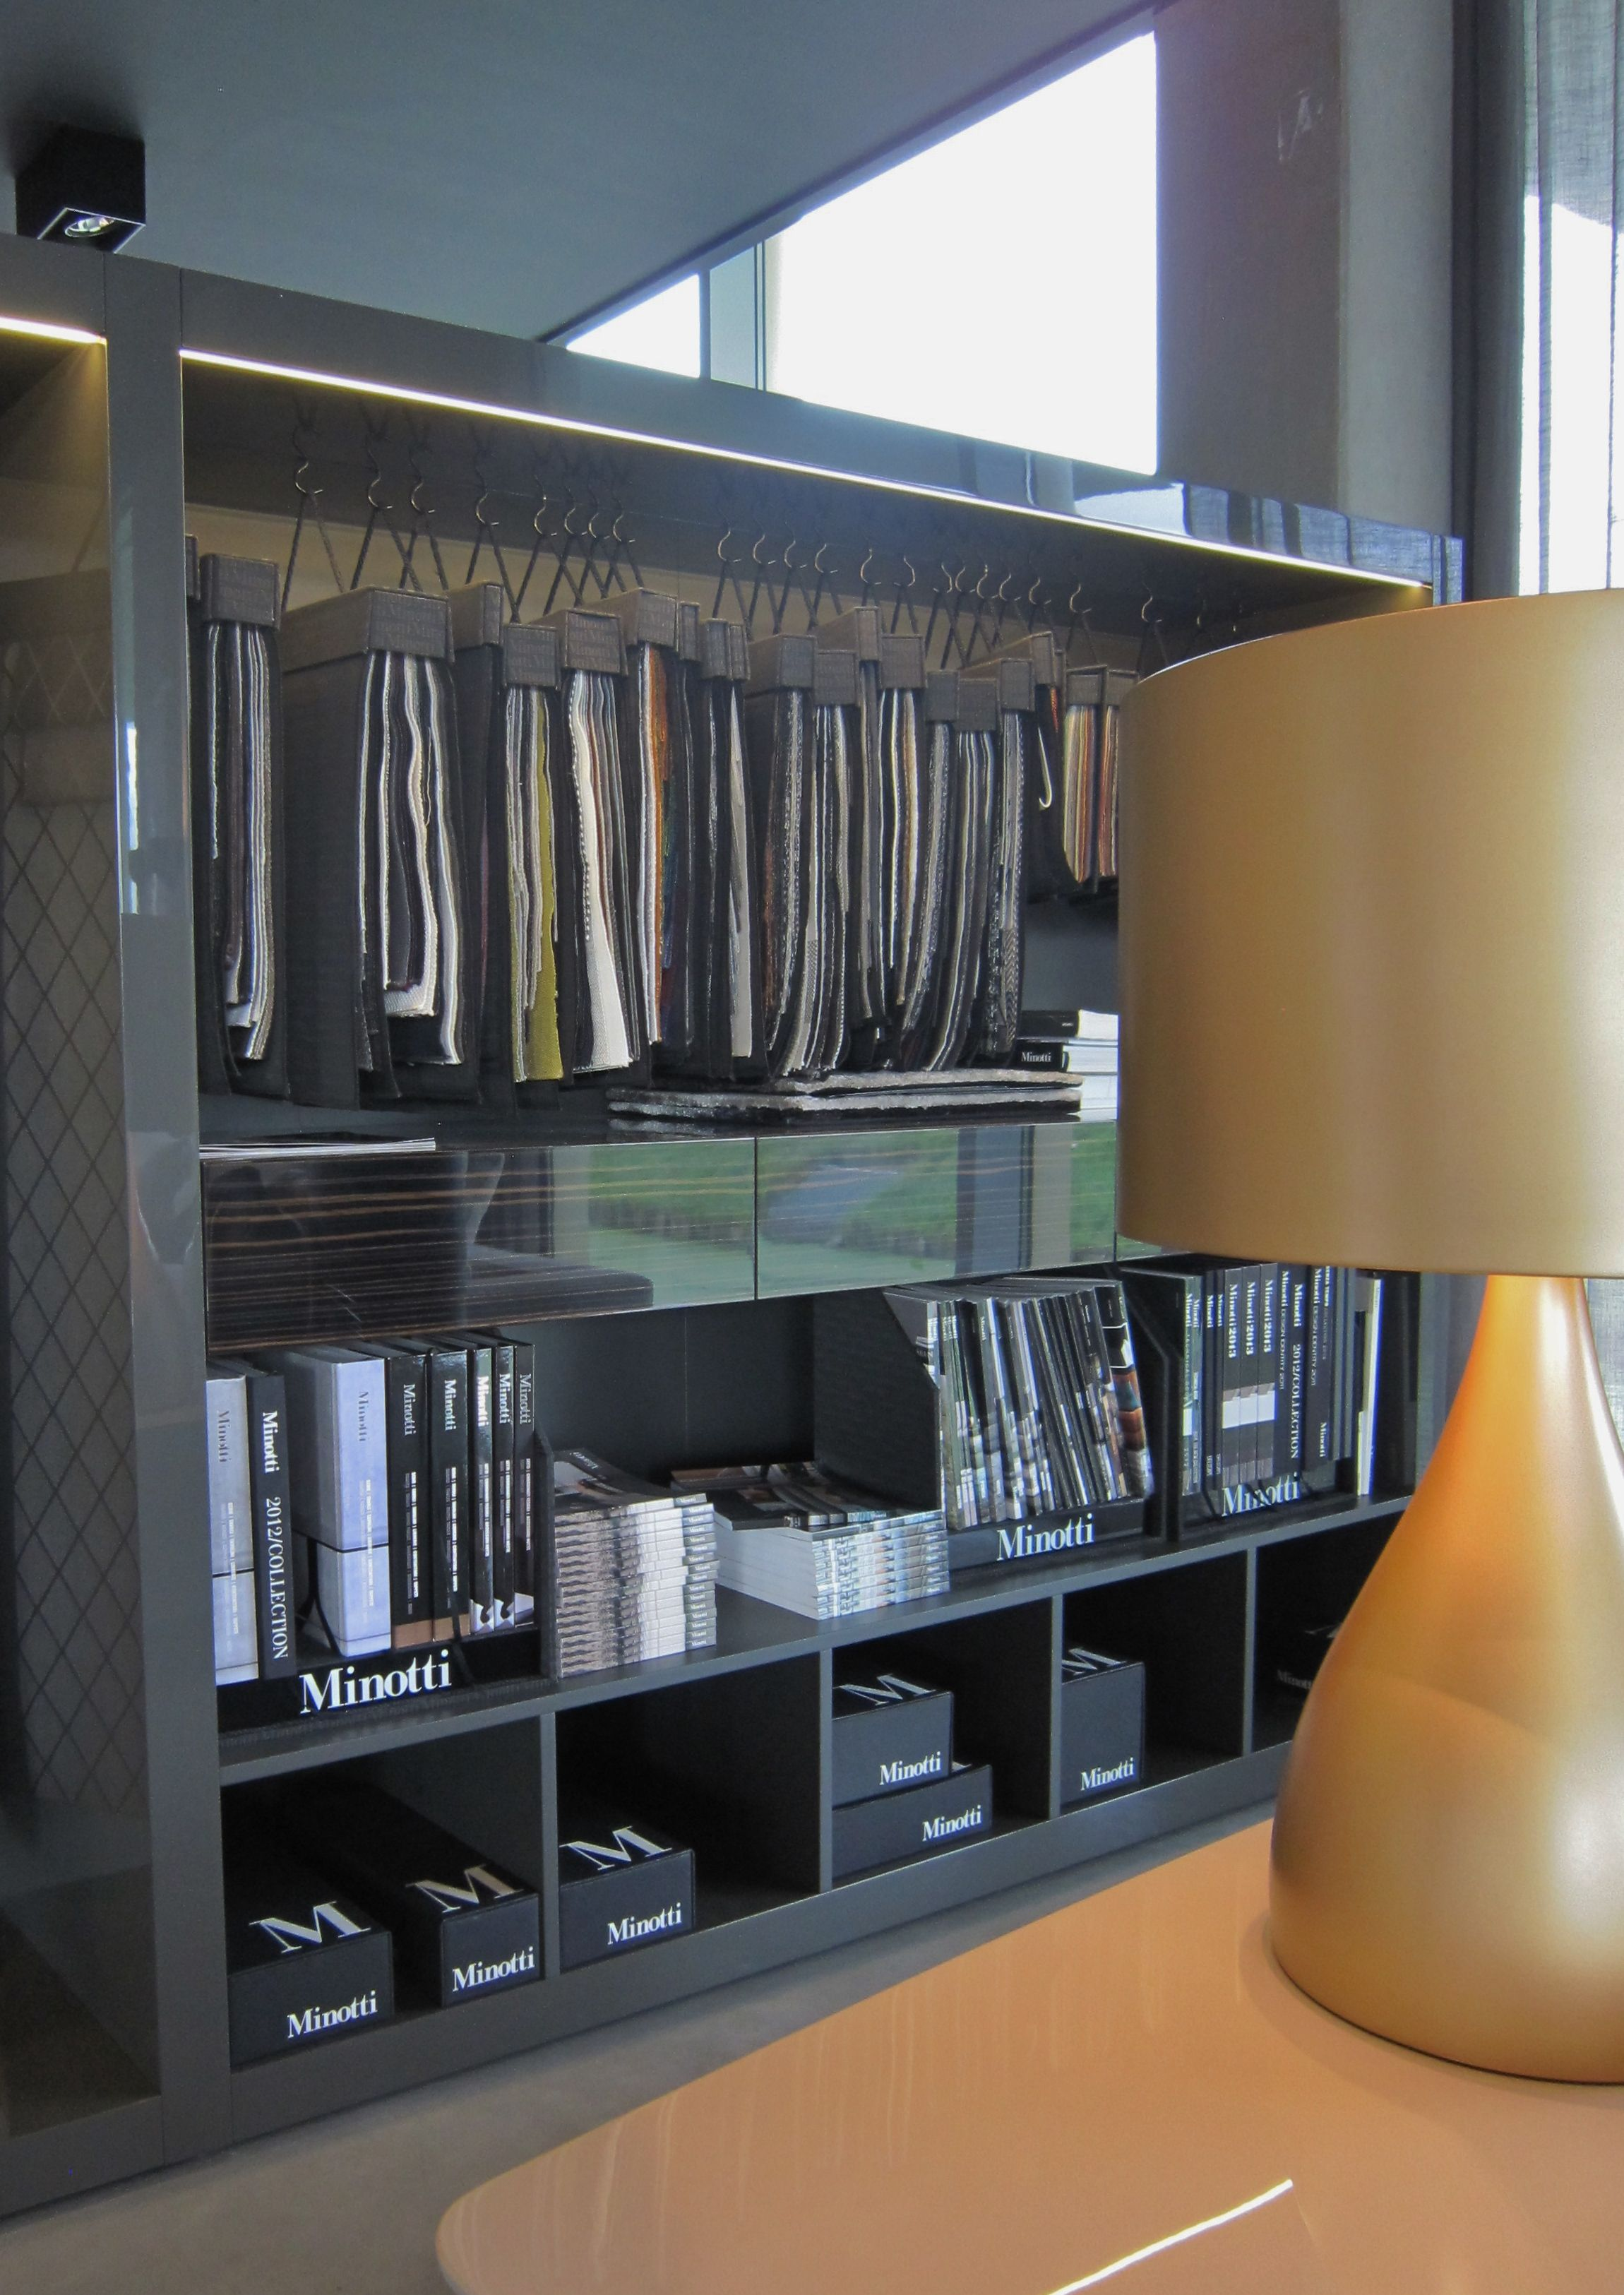 noortinterieur noordwijk minotti conceptstore porro livingdivani italiandesign www